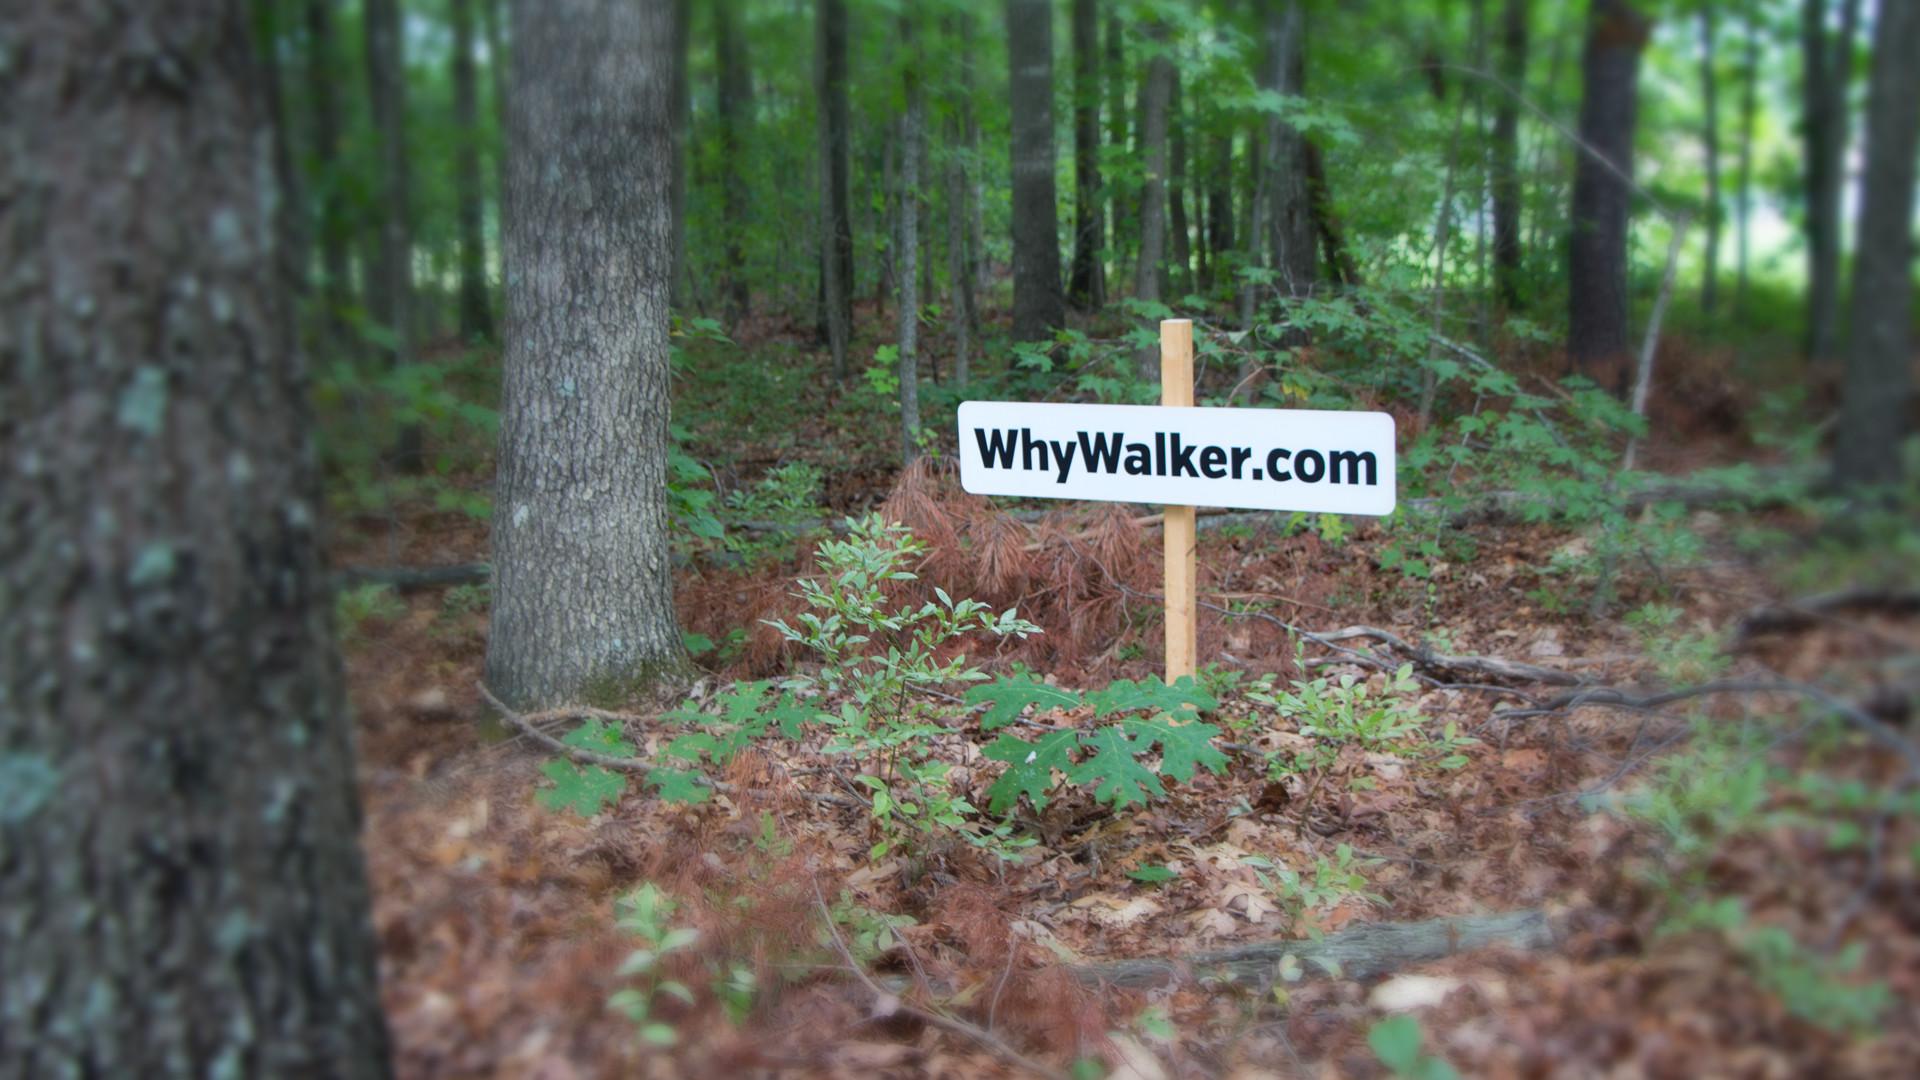 whywalker-homes